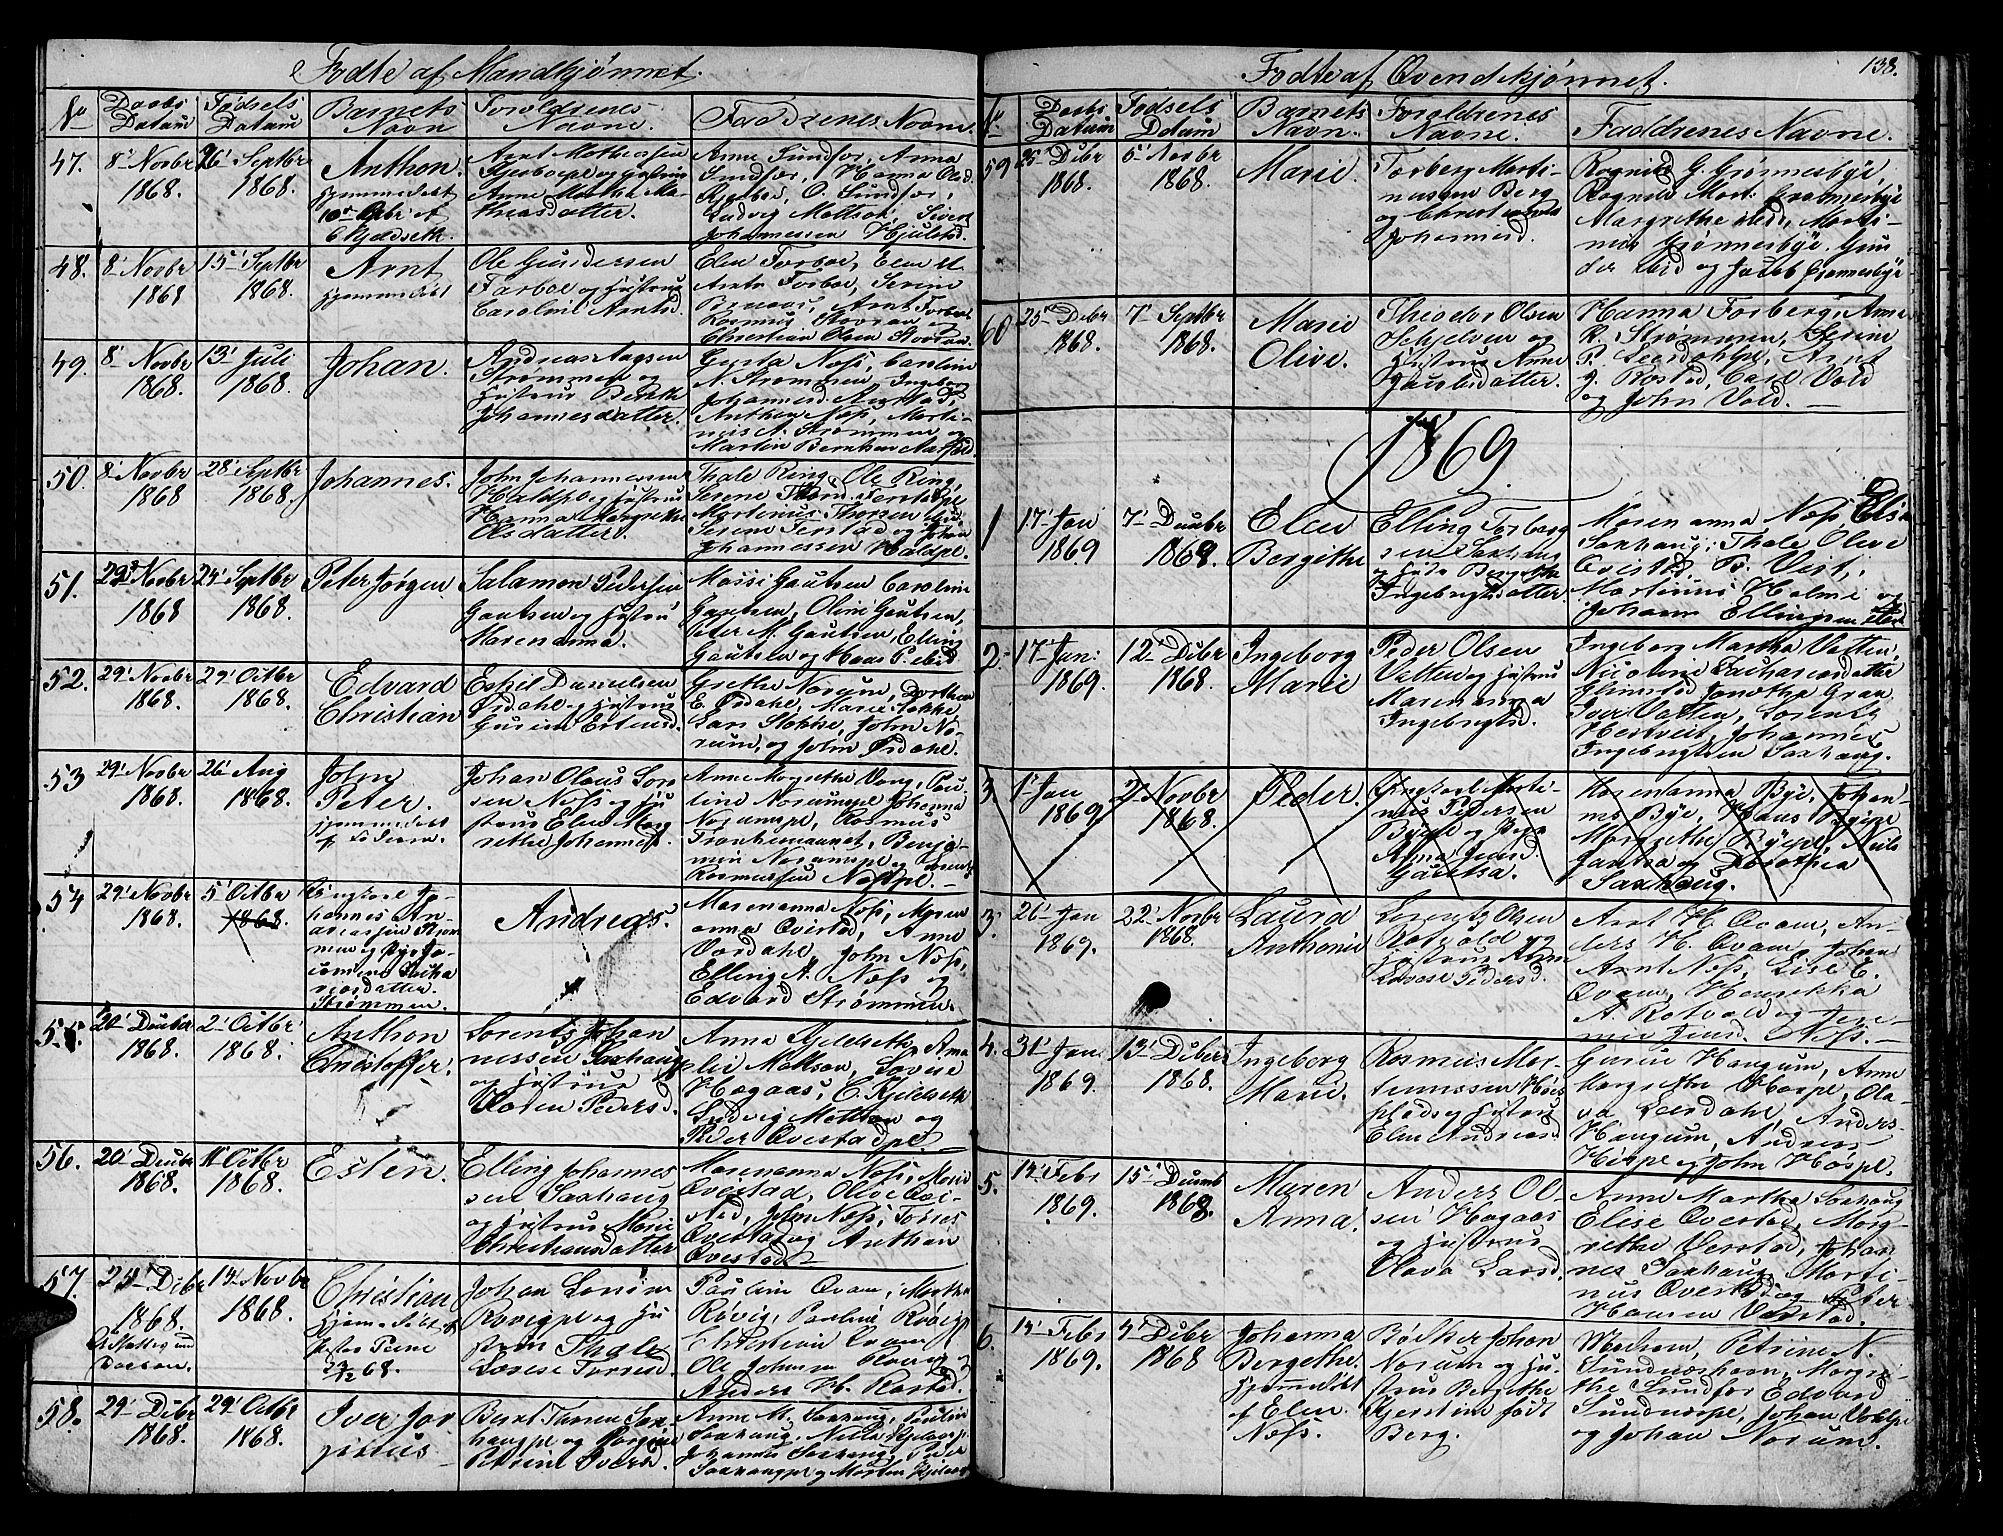 SAT, Ministerialprotokoller, klokkerbøker og fødselsregistre - Nord-Trøndelag, 730/L0299: Klokkerbok nr. 730C02, 1849-1871, s. 138